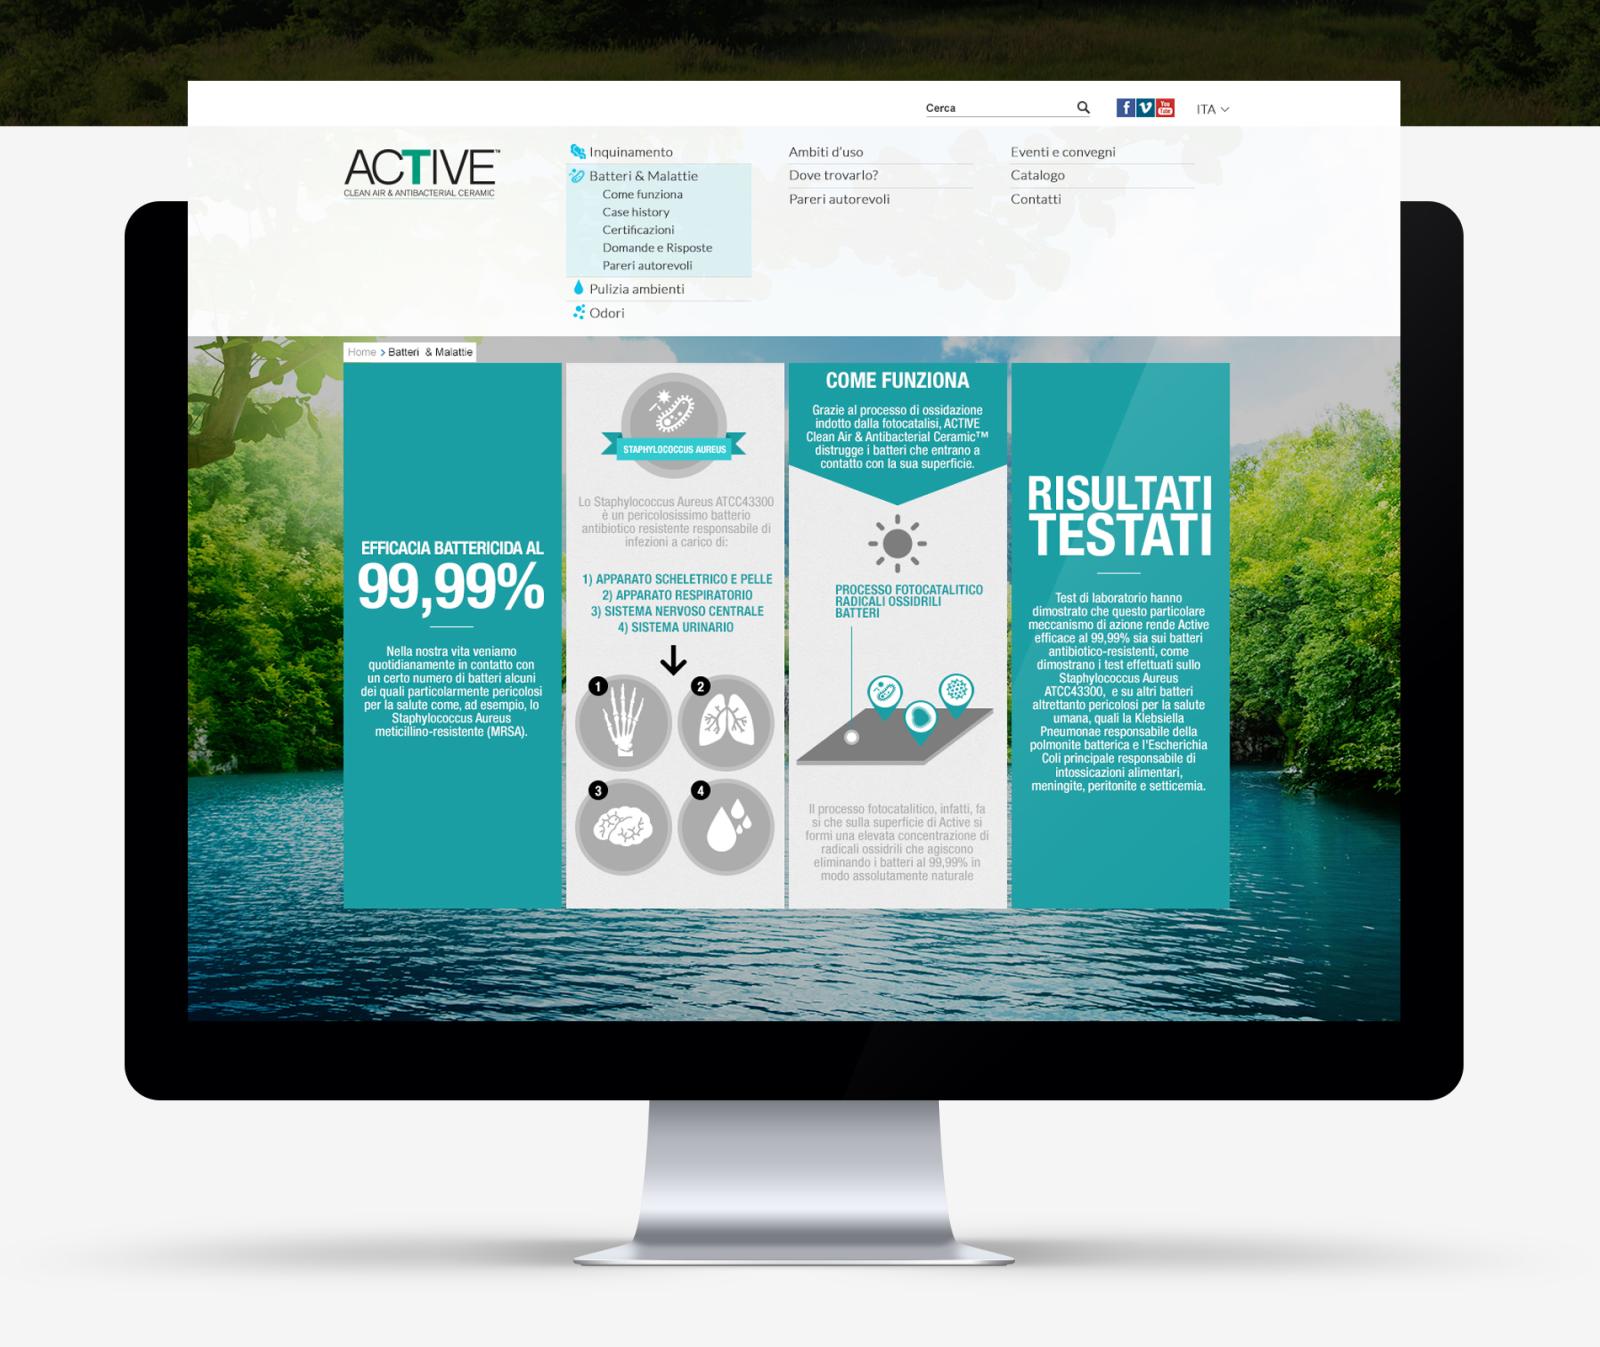 active_sito2